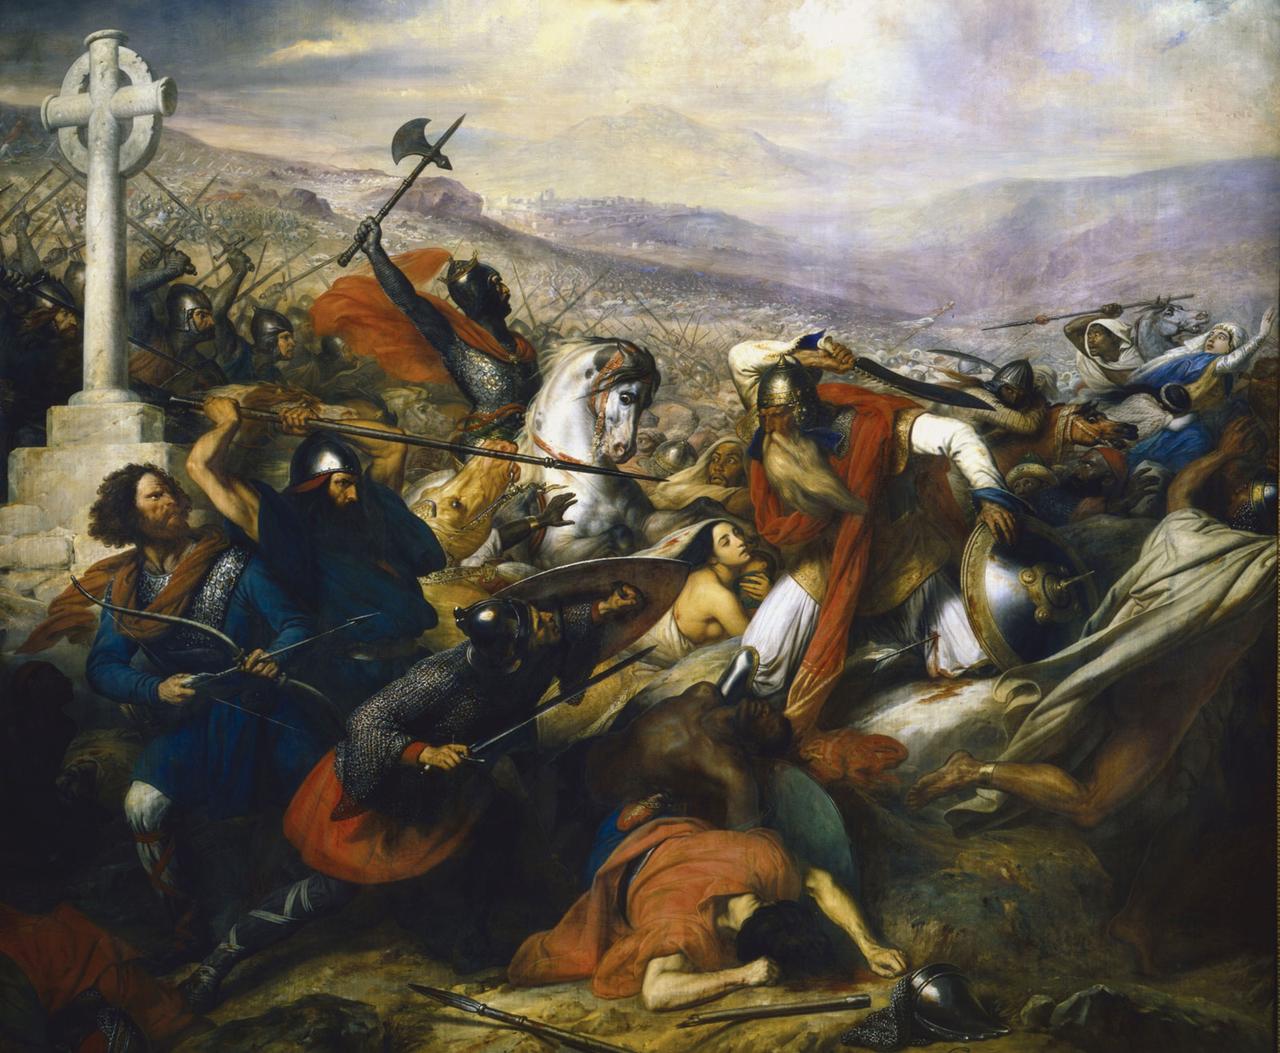 Charles Martel à la bataille de Poitiers, en octobre 732, représentation par Charles de Steuben (1837), musée d'histoire de France de Versailles.